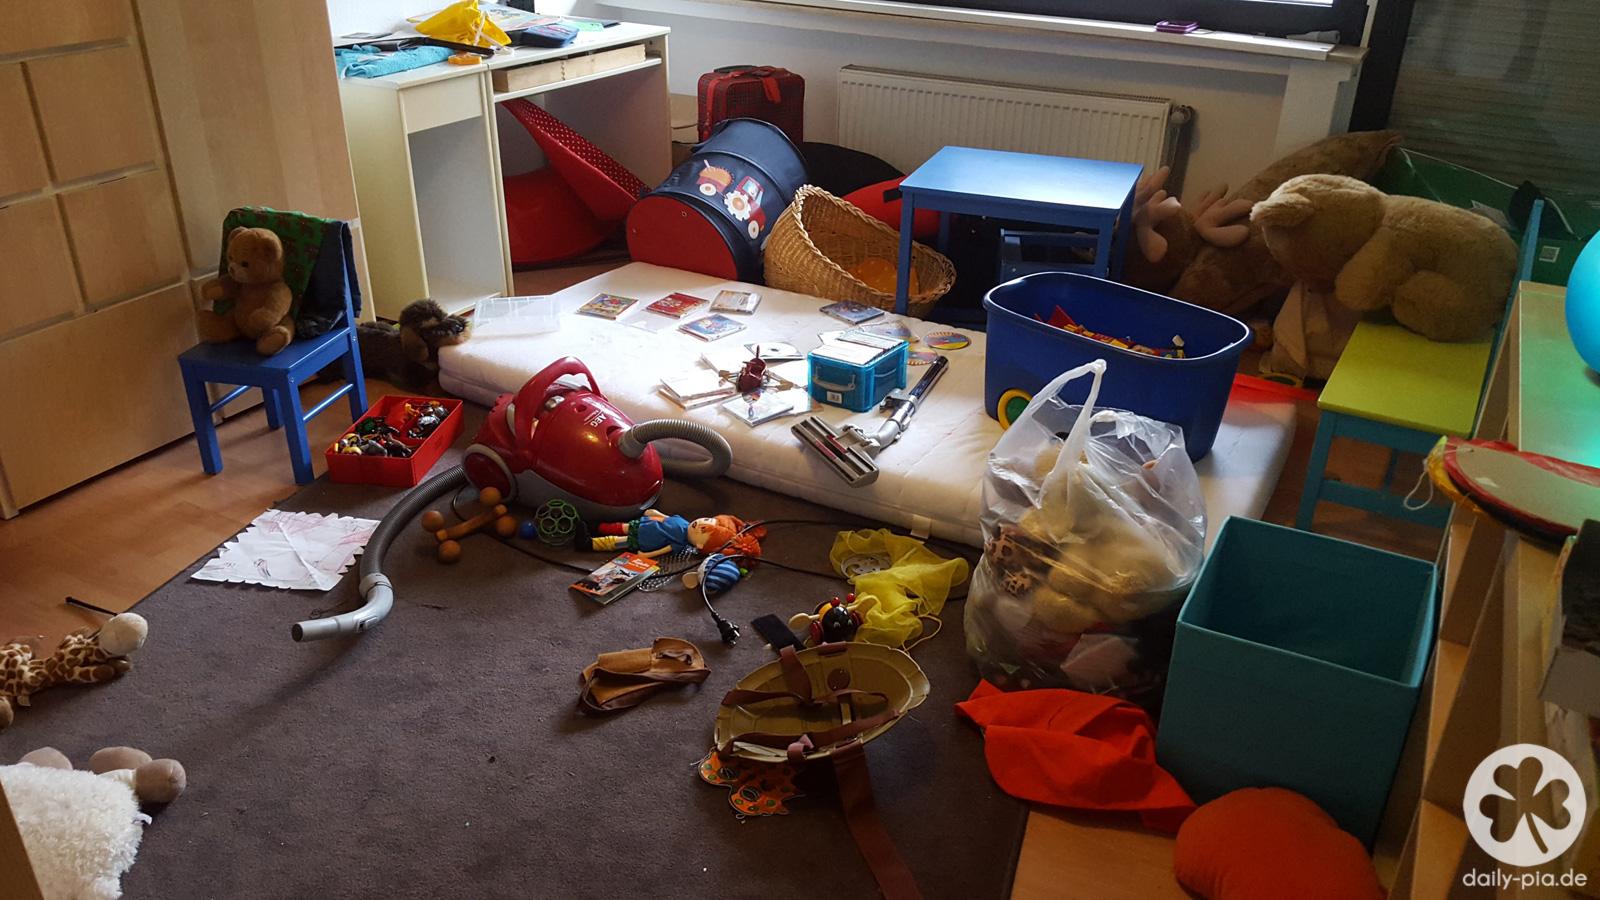 Bis einer heult was von den ferien brig blieb for Kinderzimmer unordnung